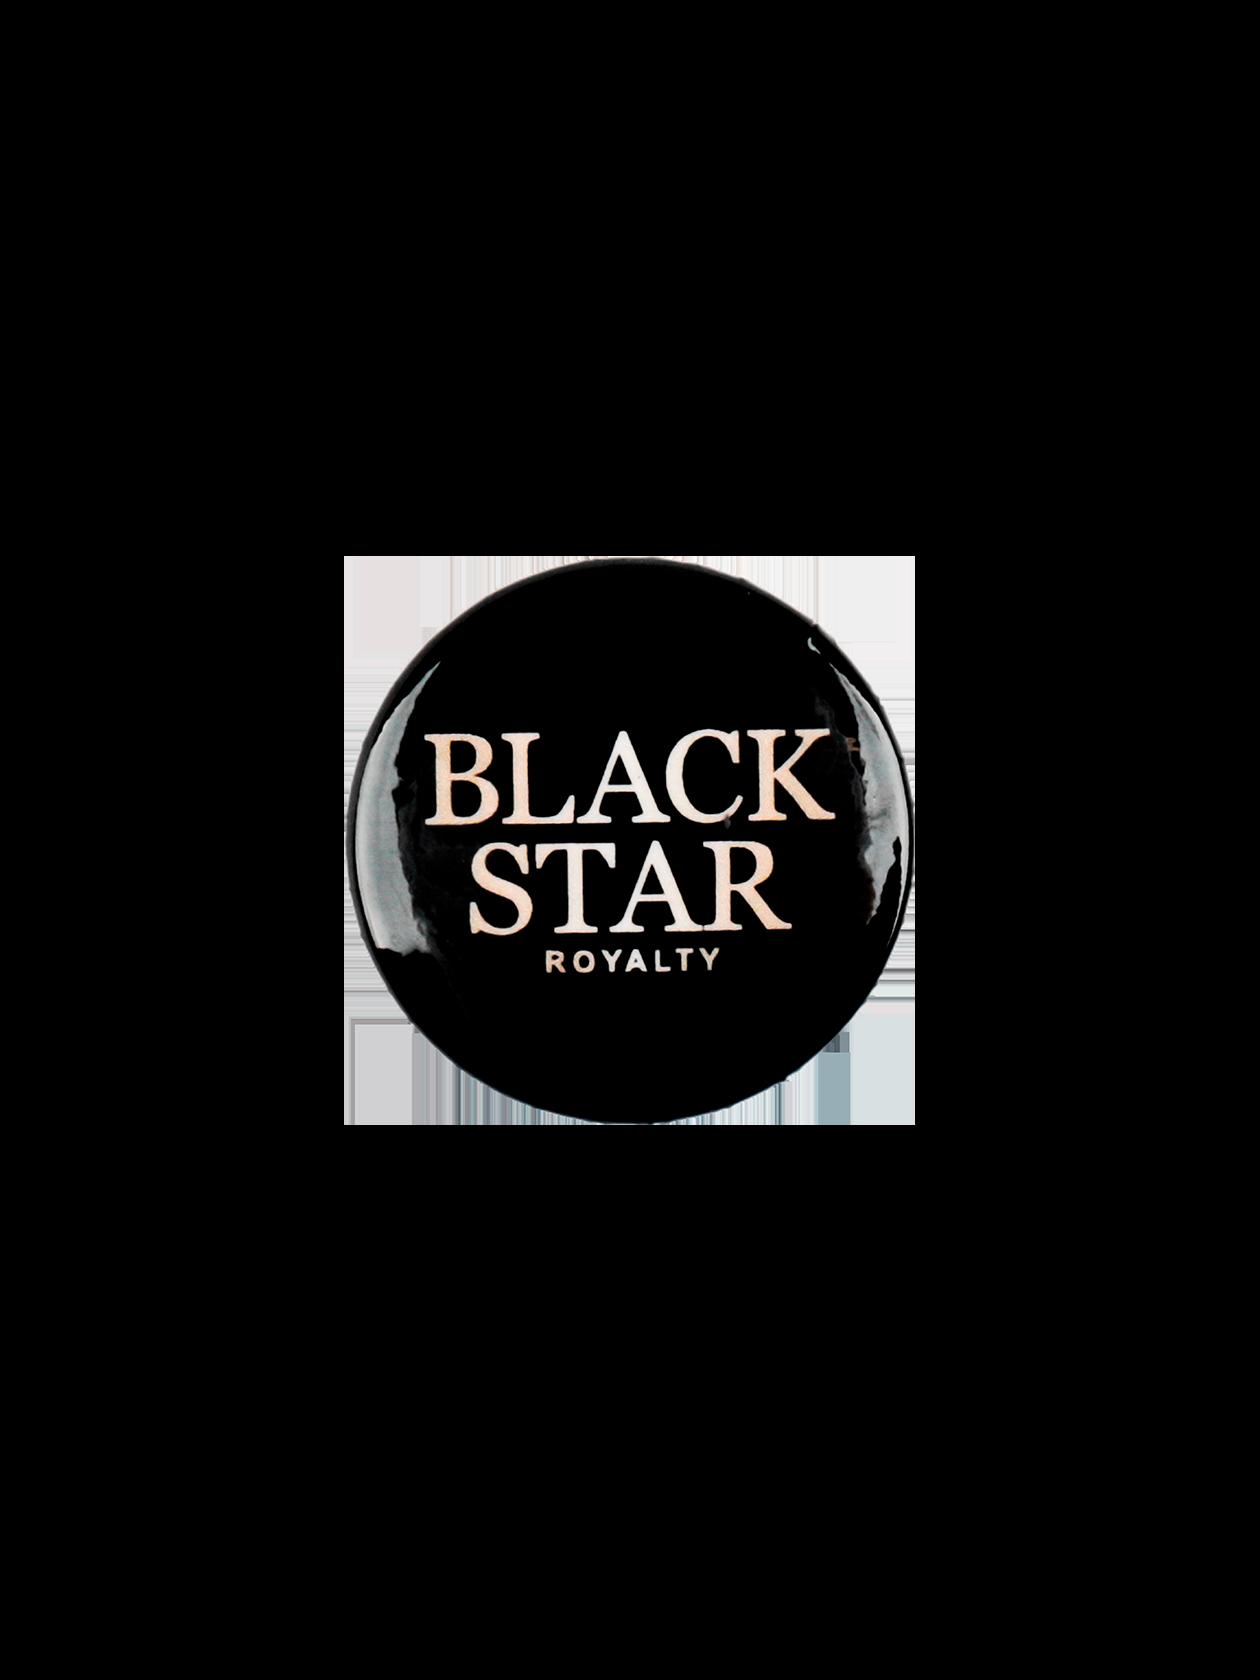 Значок ROYALTY BLACK STARЯркий, стильный значок Royalty Black Star поможет при создании индивидуального лука. Модель идеально подойдет к спортивной и повседневной одежде, сумкам. Аксессуар выполнен из прочного материала с глянцевым покрытием, застегивается на английскую булавку. Изделие небольшой круглой формы с надписью «Black Star Royalty». Значок представлен в трех цветах – ментоловом, черном и розовом. Может использоваться в качестве оригинального подарка.<br><br>Размер: Единый размер<br>Цвет: Черный<br>Пол: Унисекс